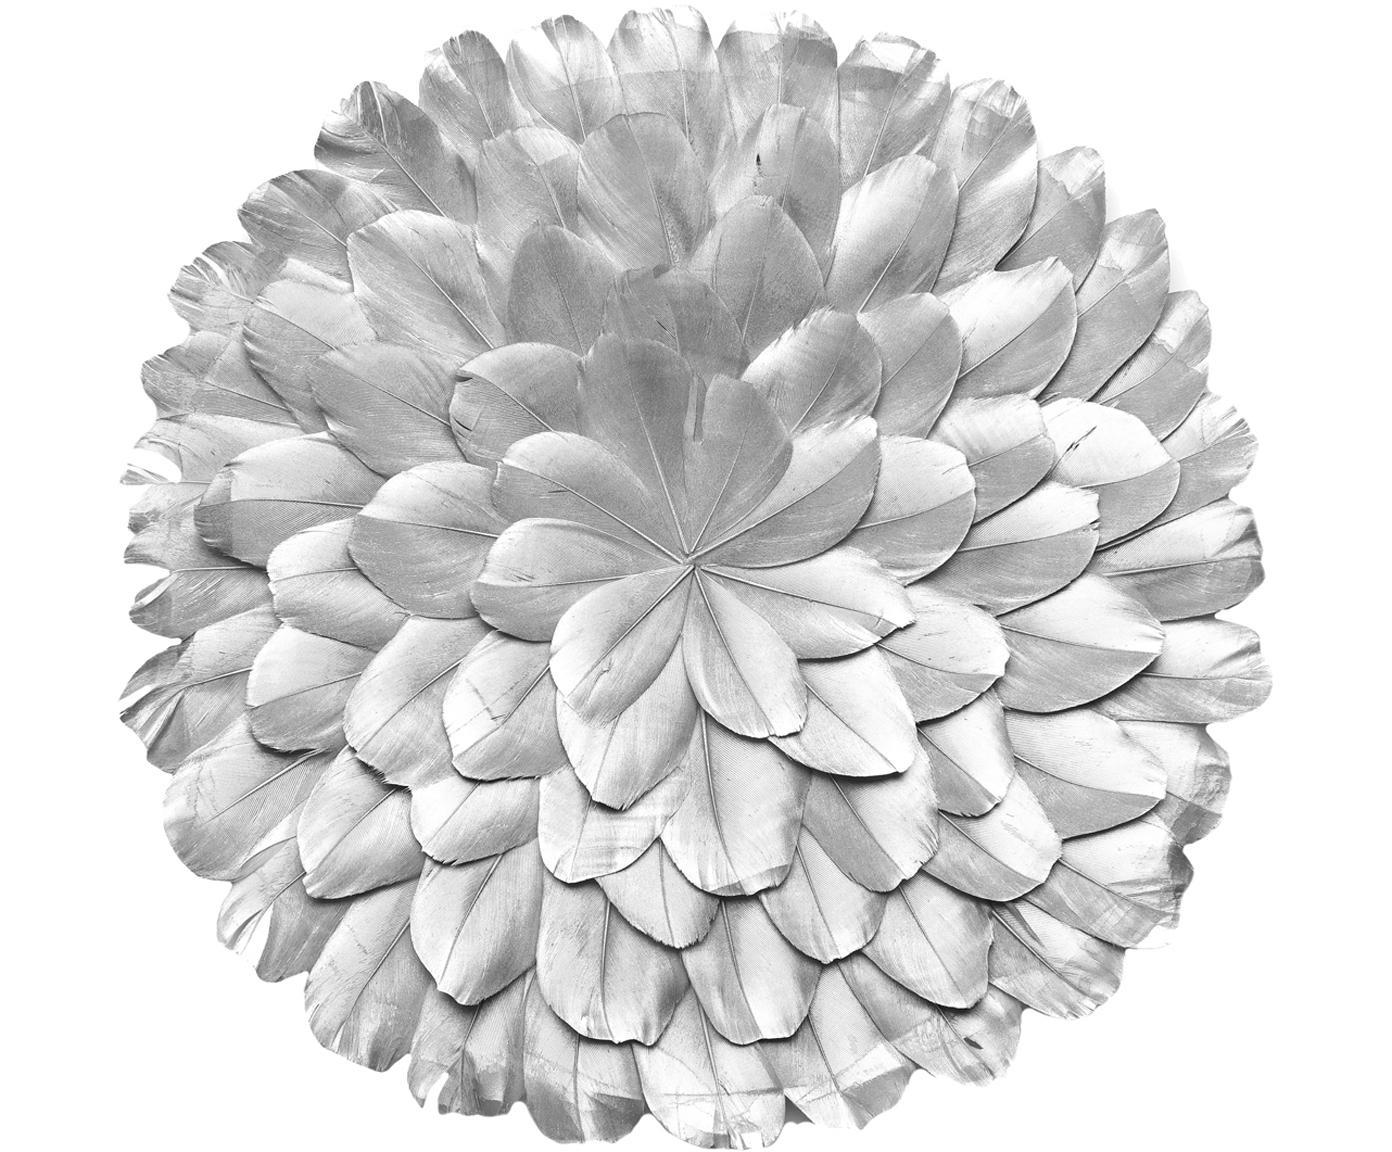 Wandobjecten Juju, 2 stuks, Geverfde veren, Zilverkleurig, Ø 25 x D 3 cm